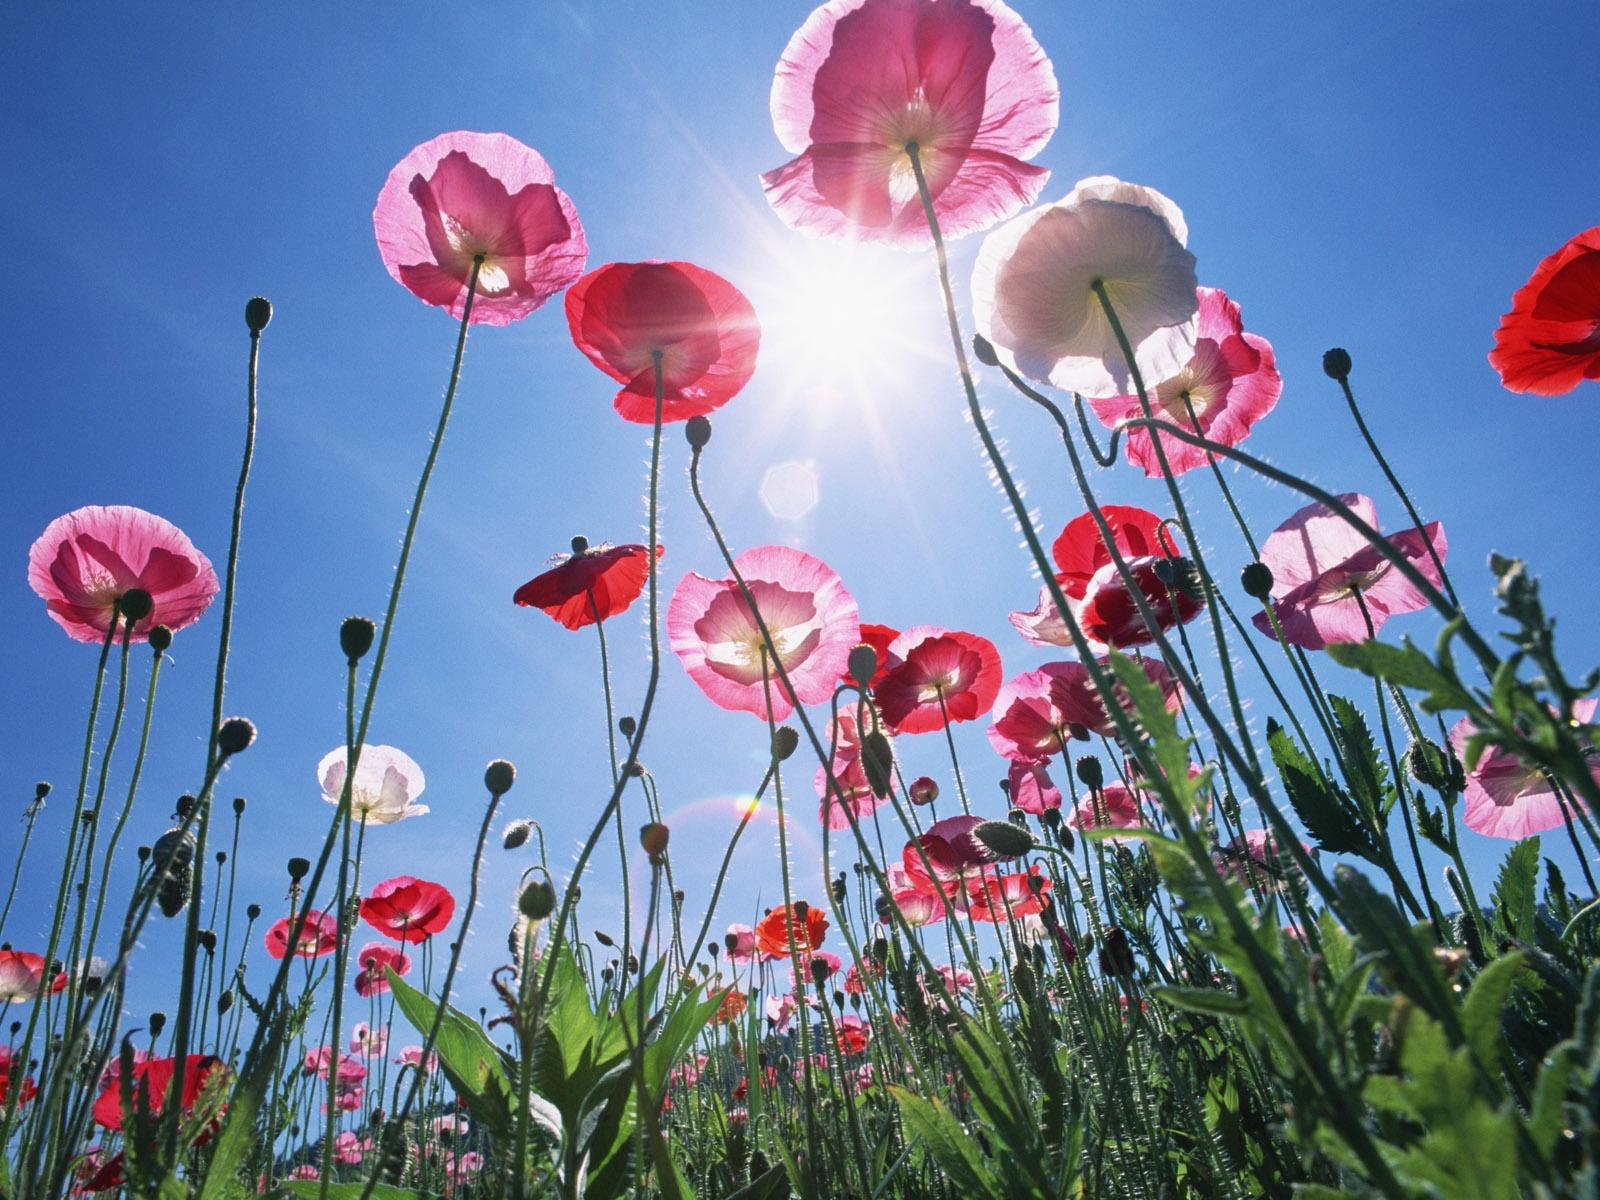 Fiori primaverili da giardino l 39 elenco tempo libero for Fiori primaverili da giardino